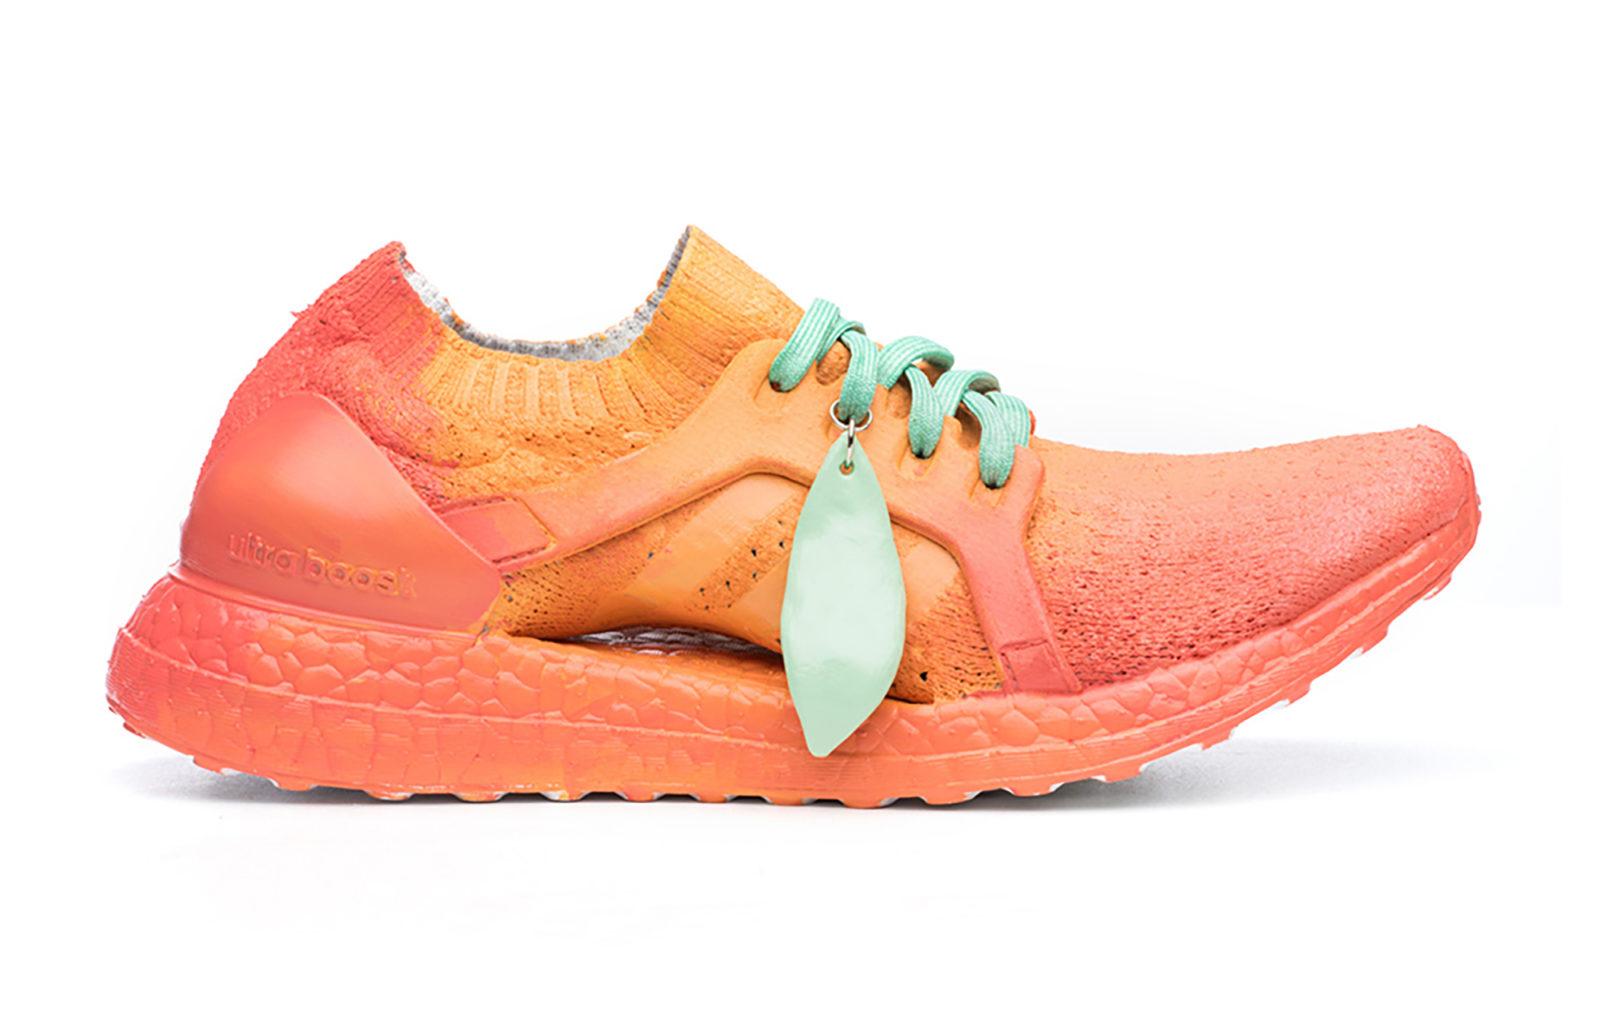 Fotografia reklamowa ukazując buty firmy Adidas, model Ultraboost w kolorze pomarańczowym, imitujące brzoskwinowe ciasto. z boku wisi zielony listek.